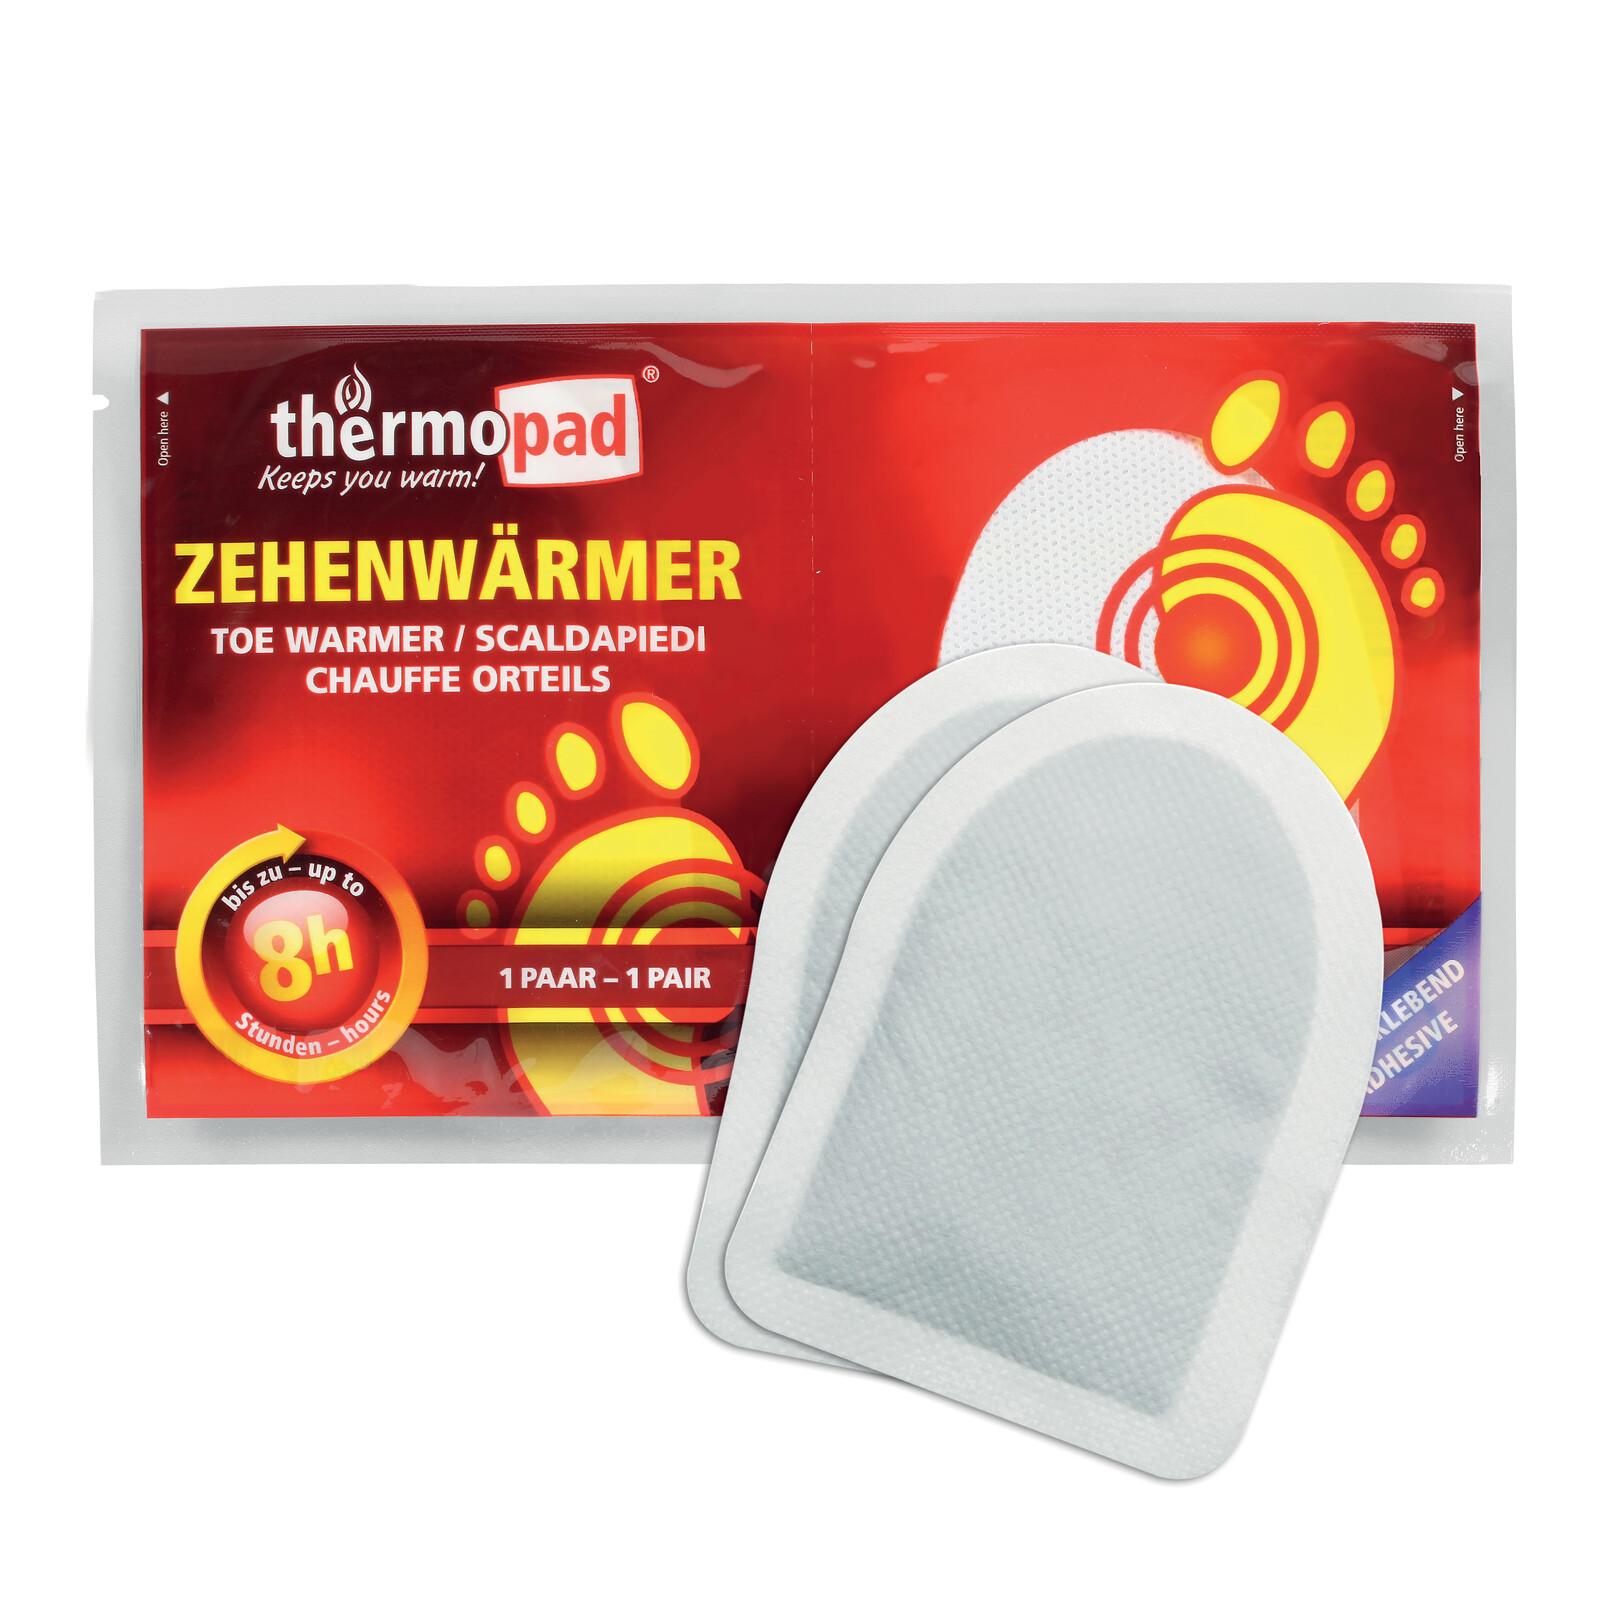 Thermopad Zehenwärmer